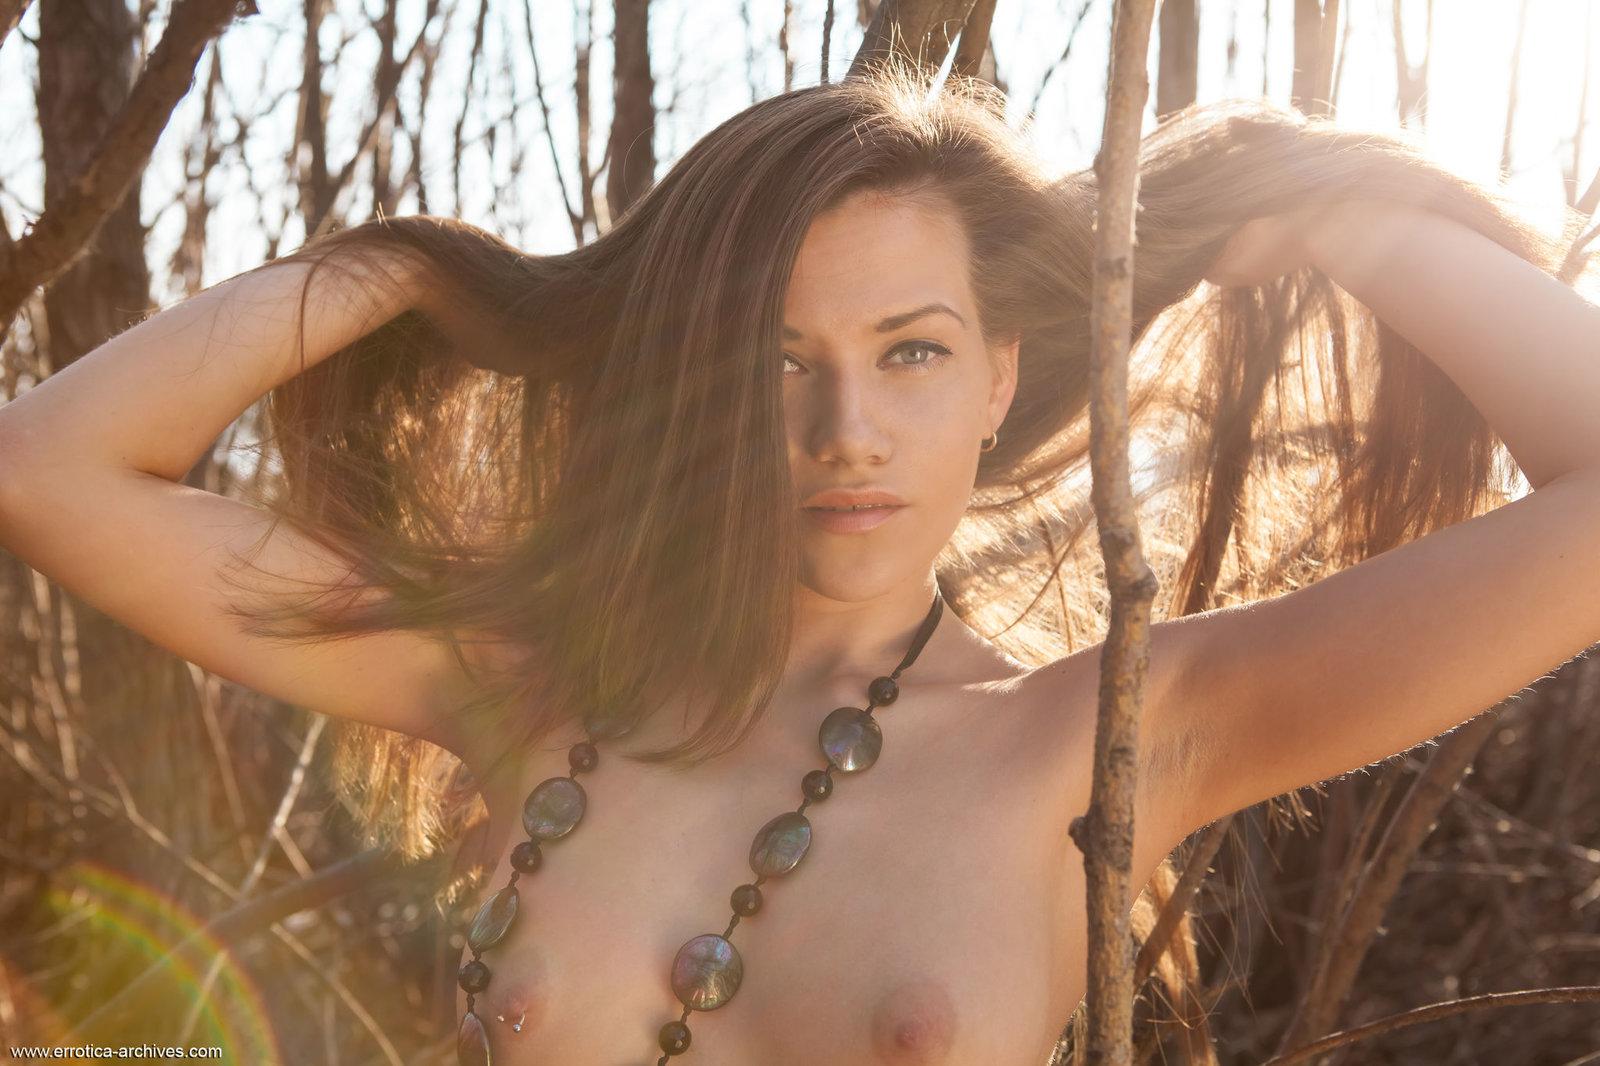 gorące filmy xxx sex porno jak zrobić dziewczynę cum z seksu analnego